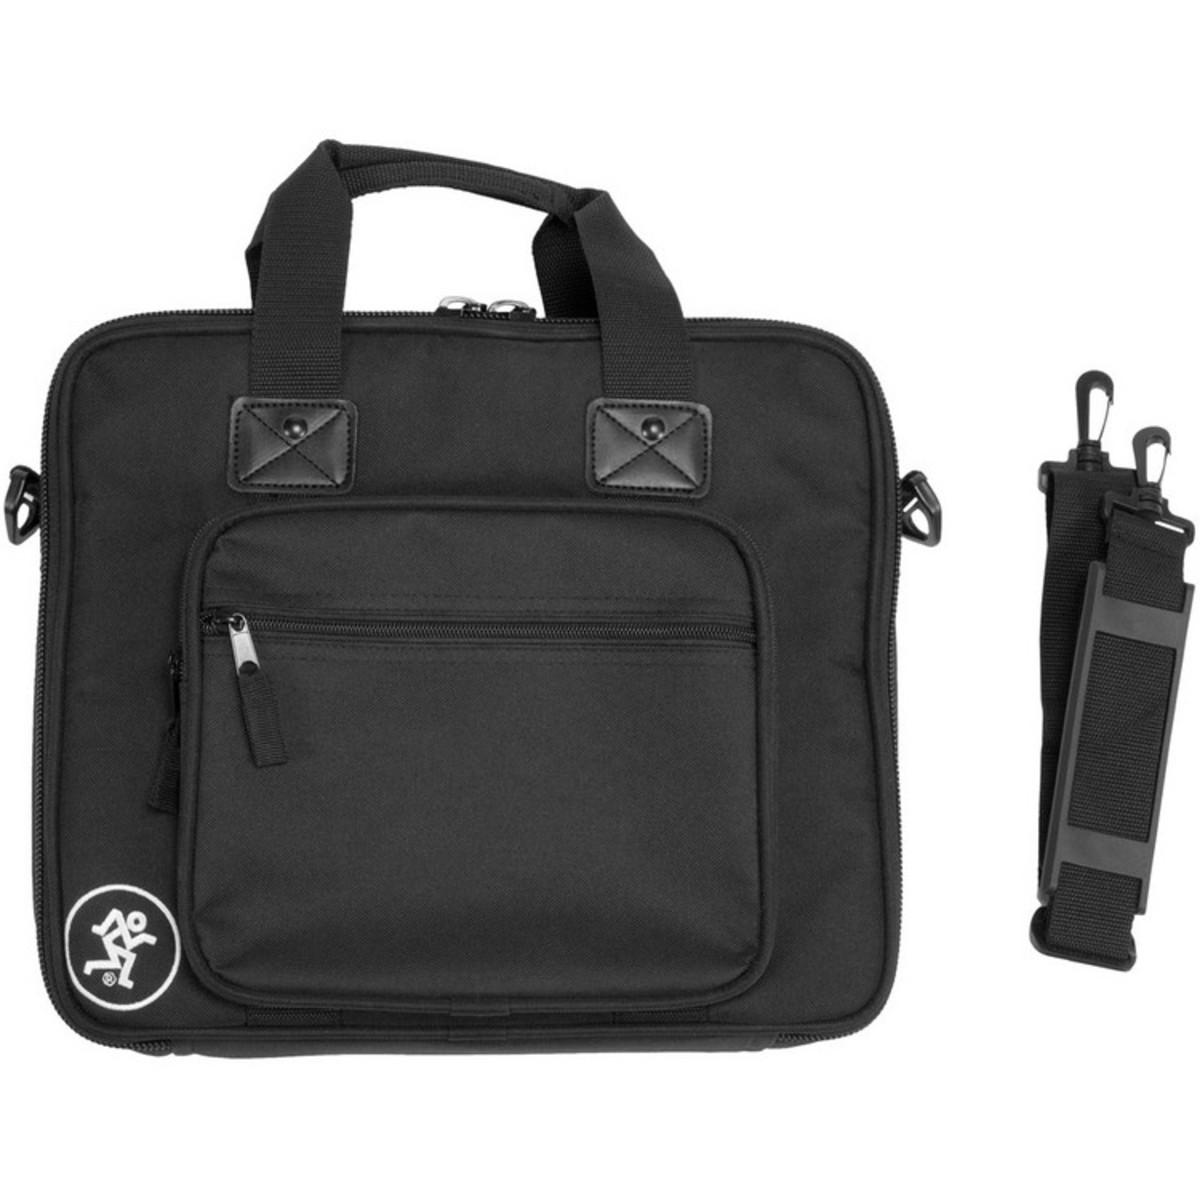 Mackie 802 VLZ Mixer Bag At Gear4music